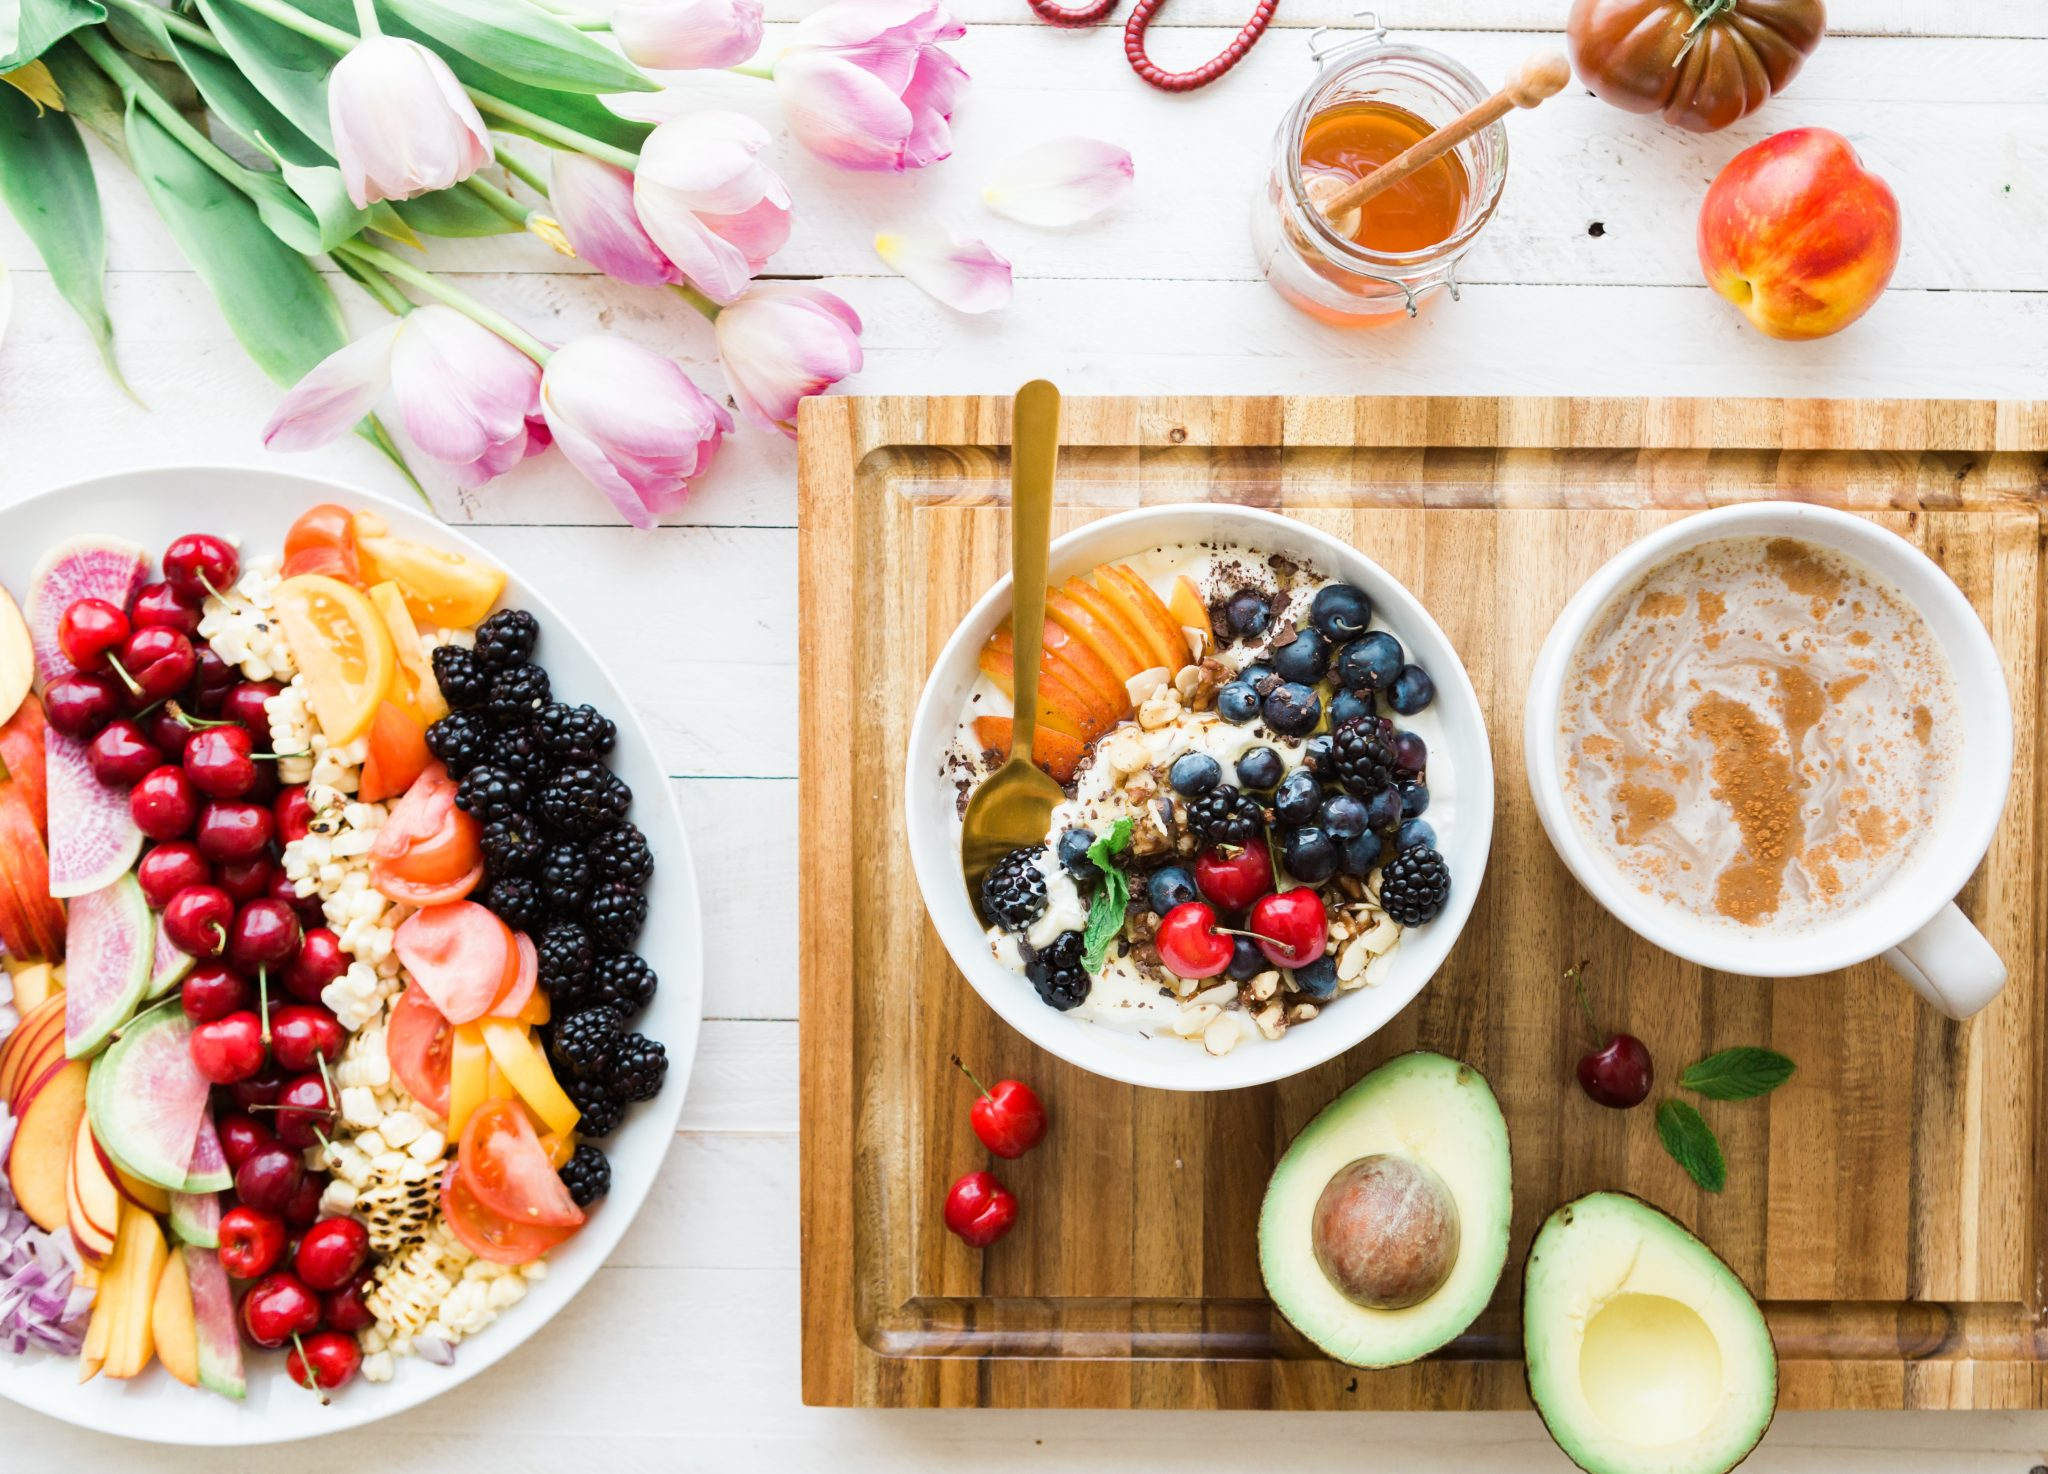 comida baja en calorías